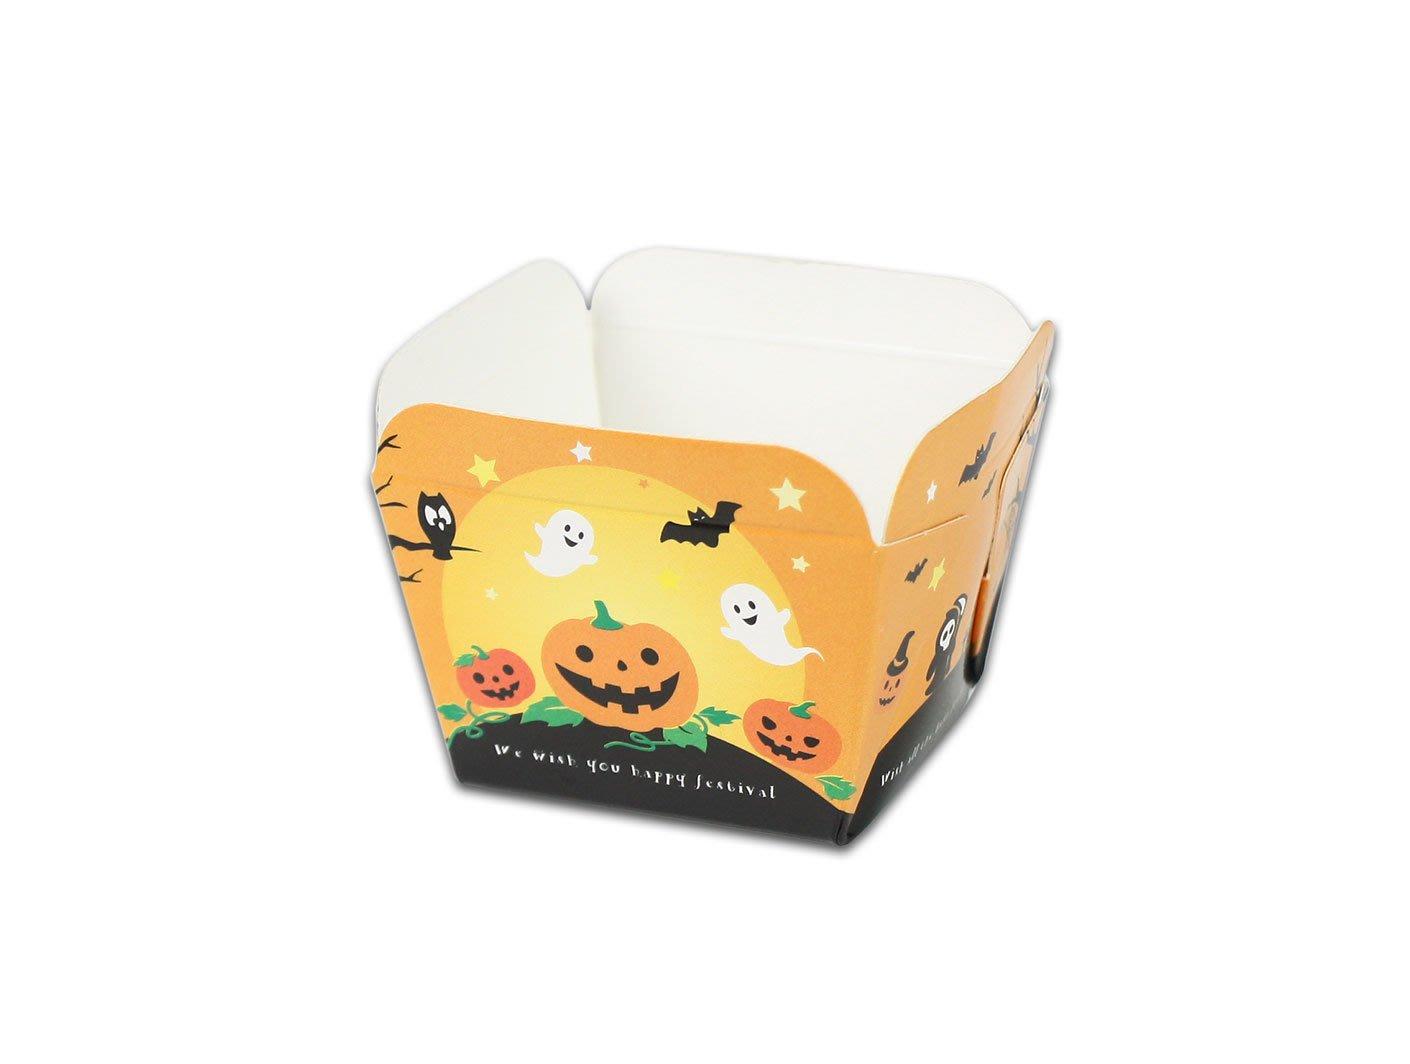 【嚴選SHOP】30入 萬聖節造型 戚風蛋糕盒 烤蛋糕杯 烘焙紙盒 紙烤模 烘烤盒 杯子蛋糕 馬芬【F049-39】